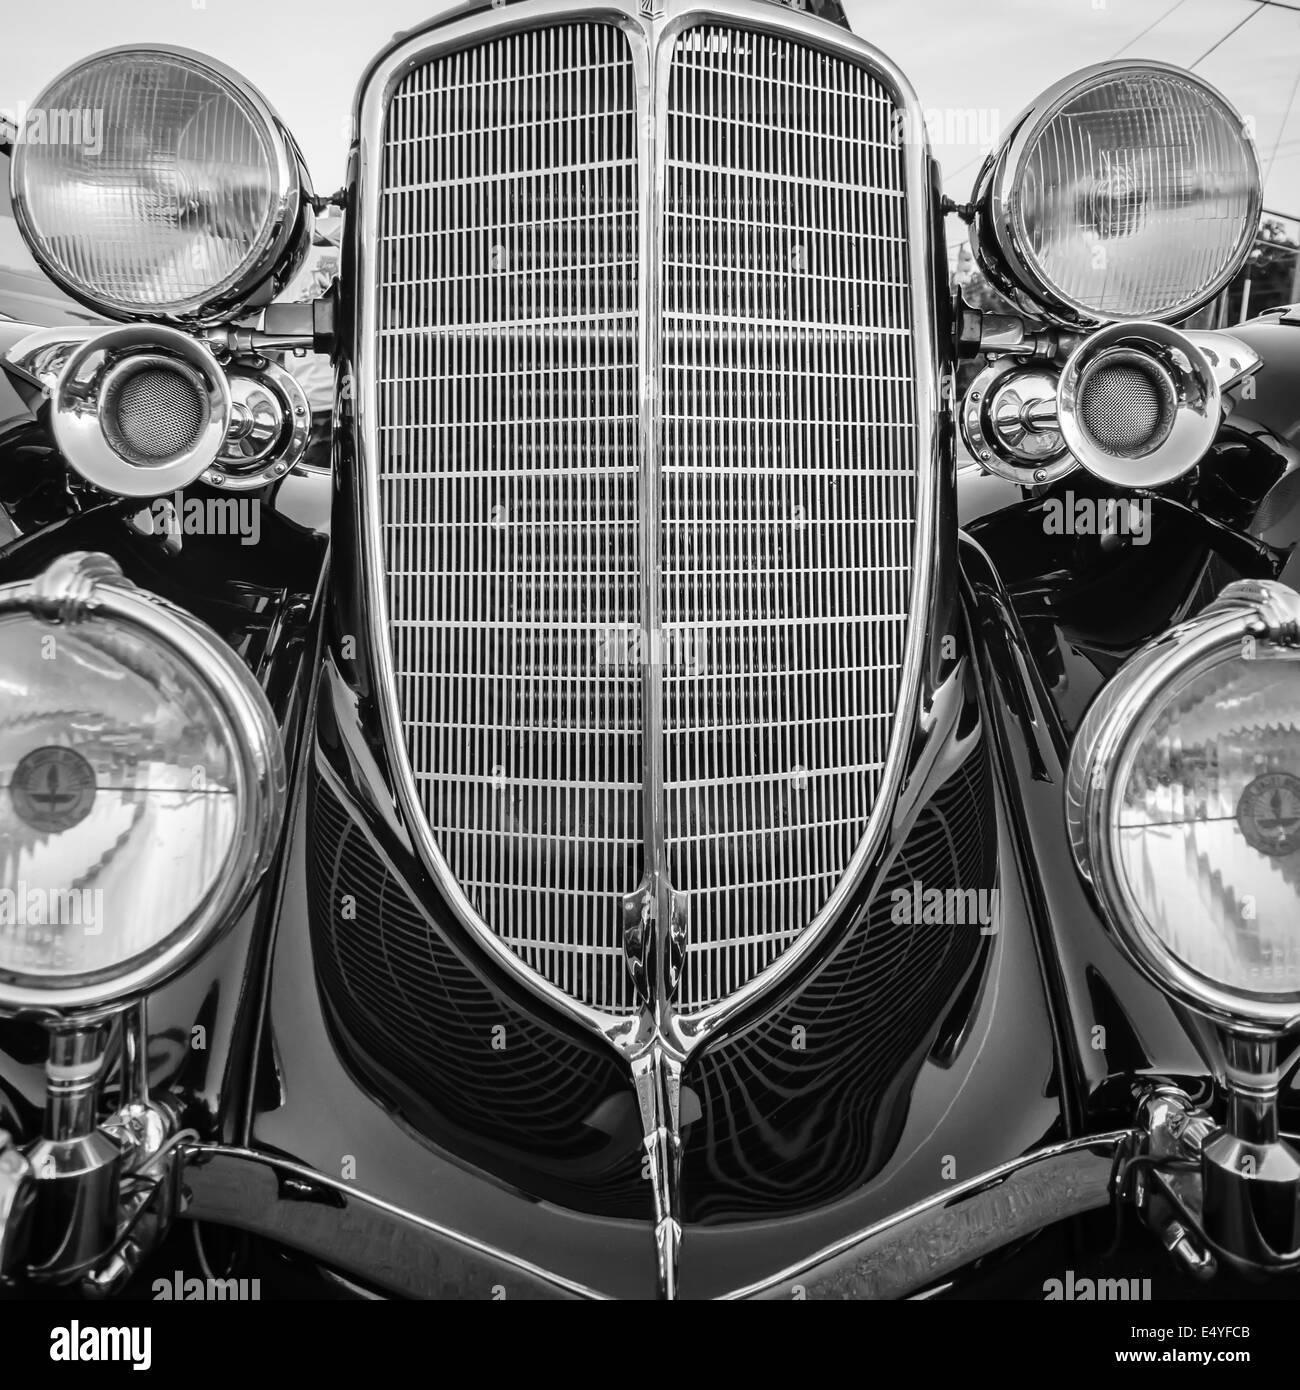 classic vintage car details - Stock Image